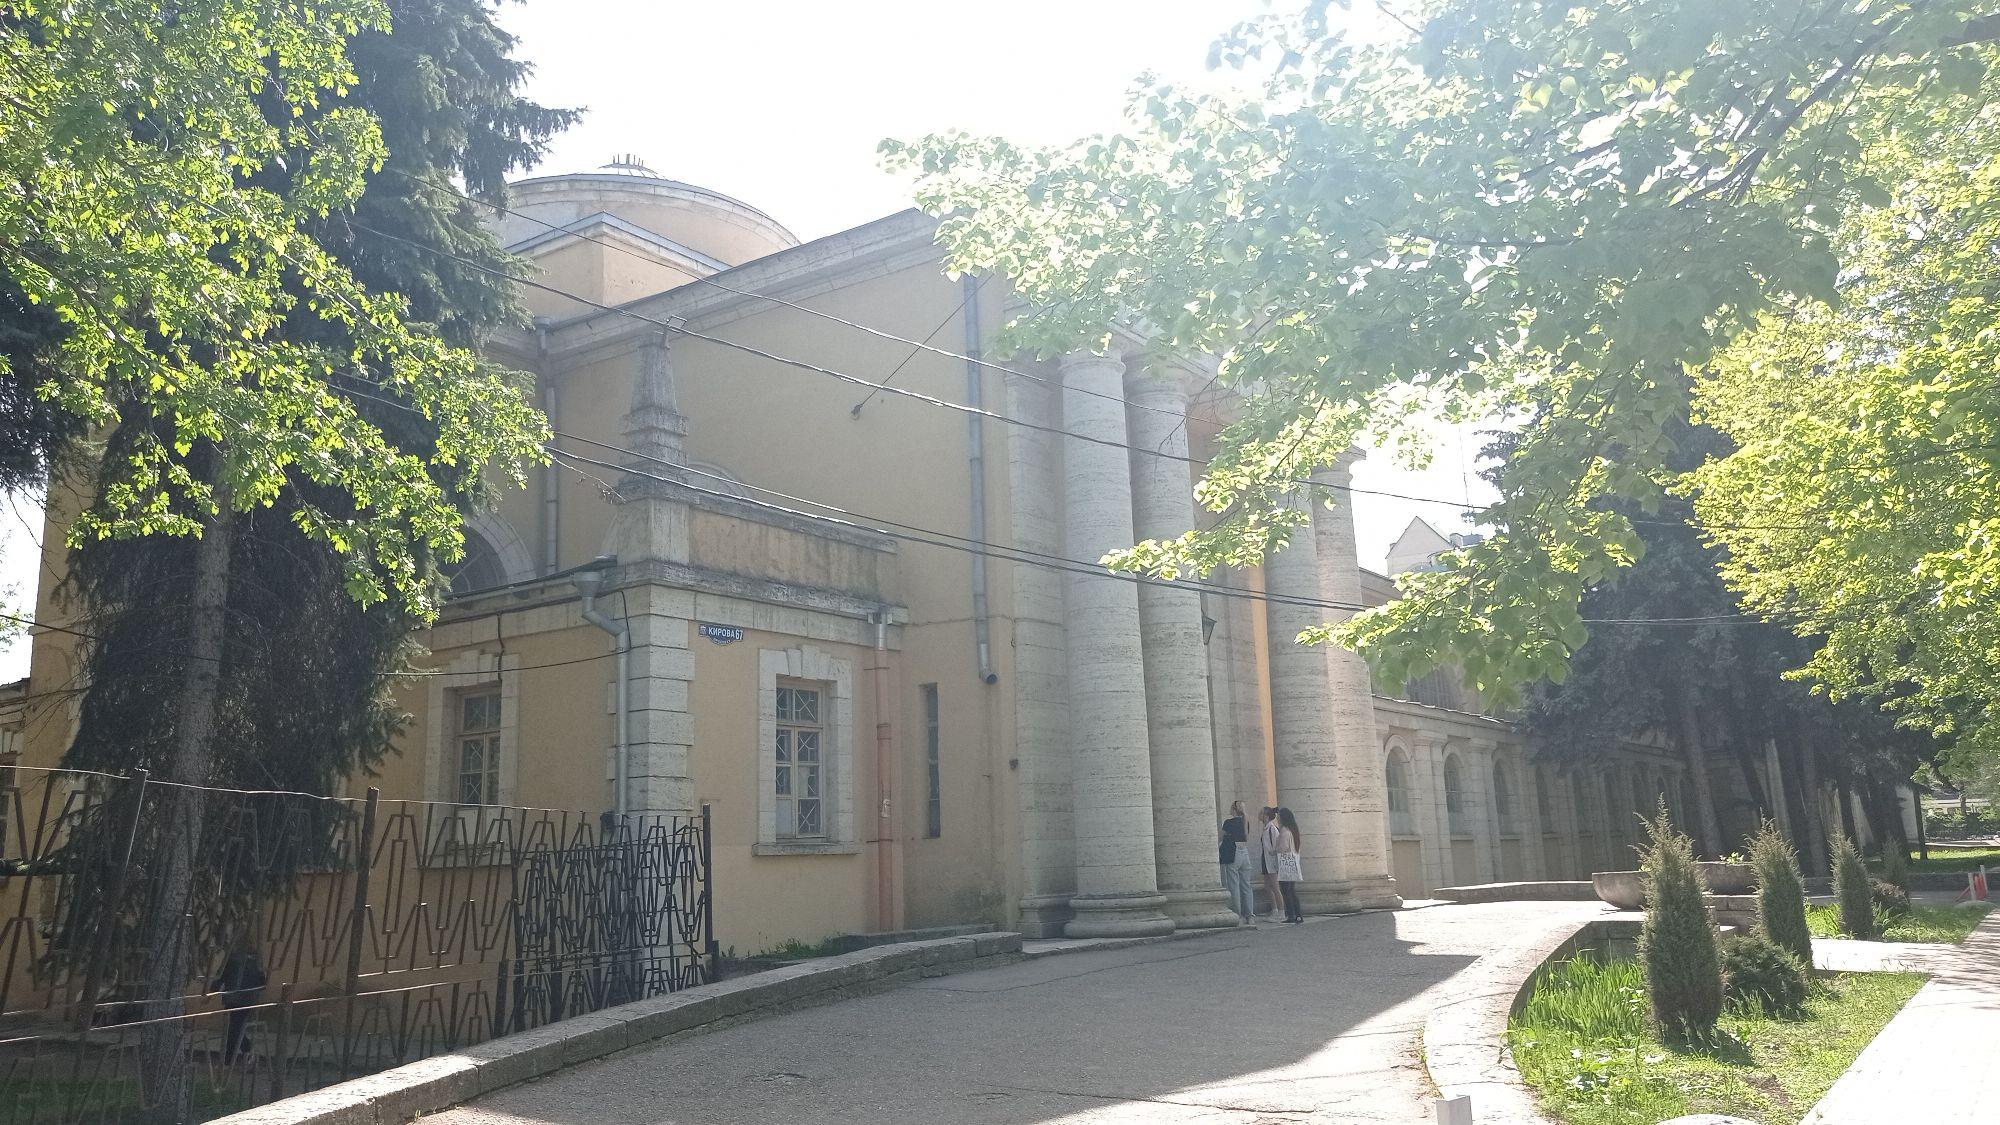 В Пятигорске было много разных ванн. Они расположены в разных местах и мы их всех нашли. Некоторых даже нет в путеводителях. Например великолепные Романовские ванны, построенные в 1914 году арх. М. М. Перетятковичем.